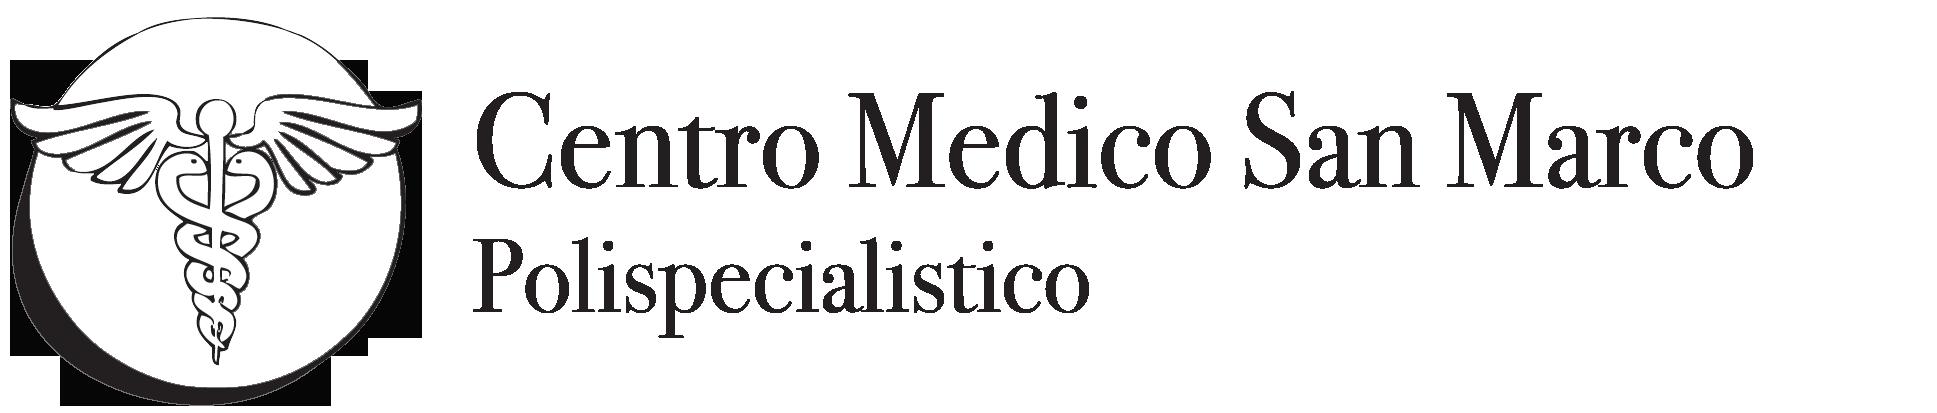 Centro Medico San Marco